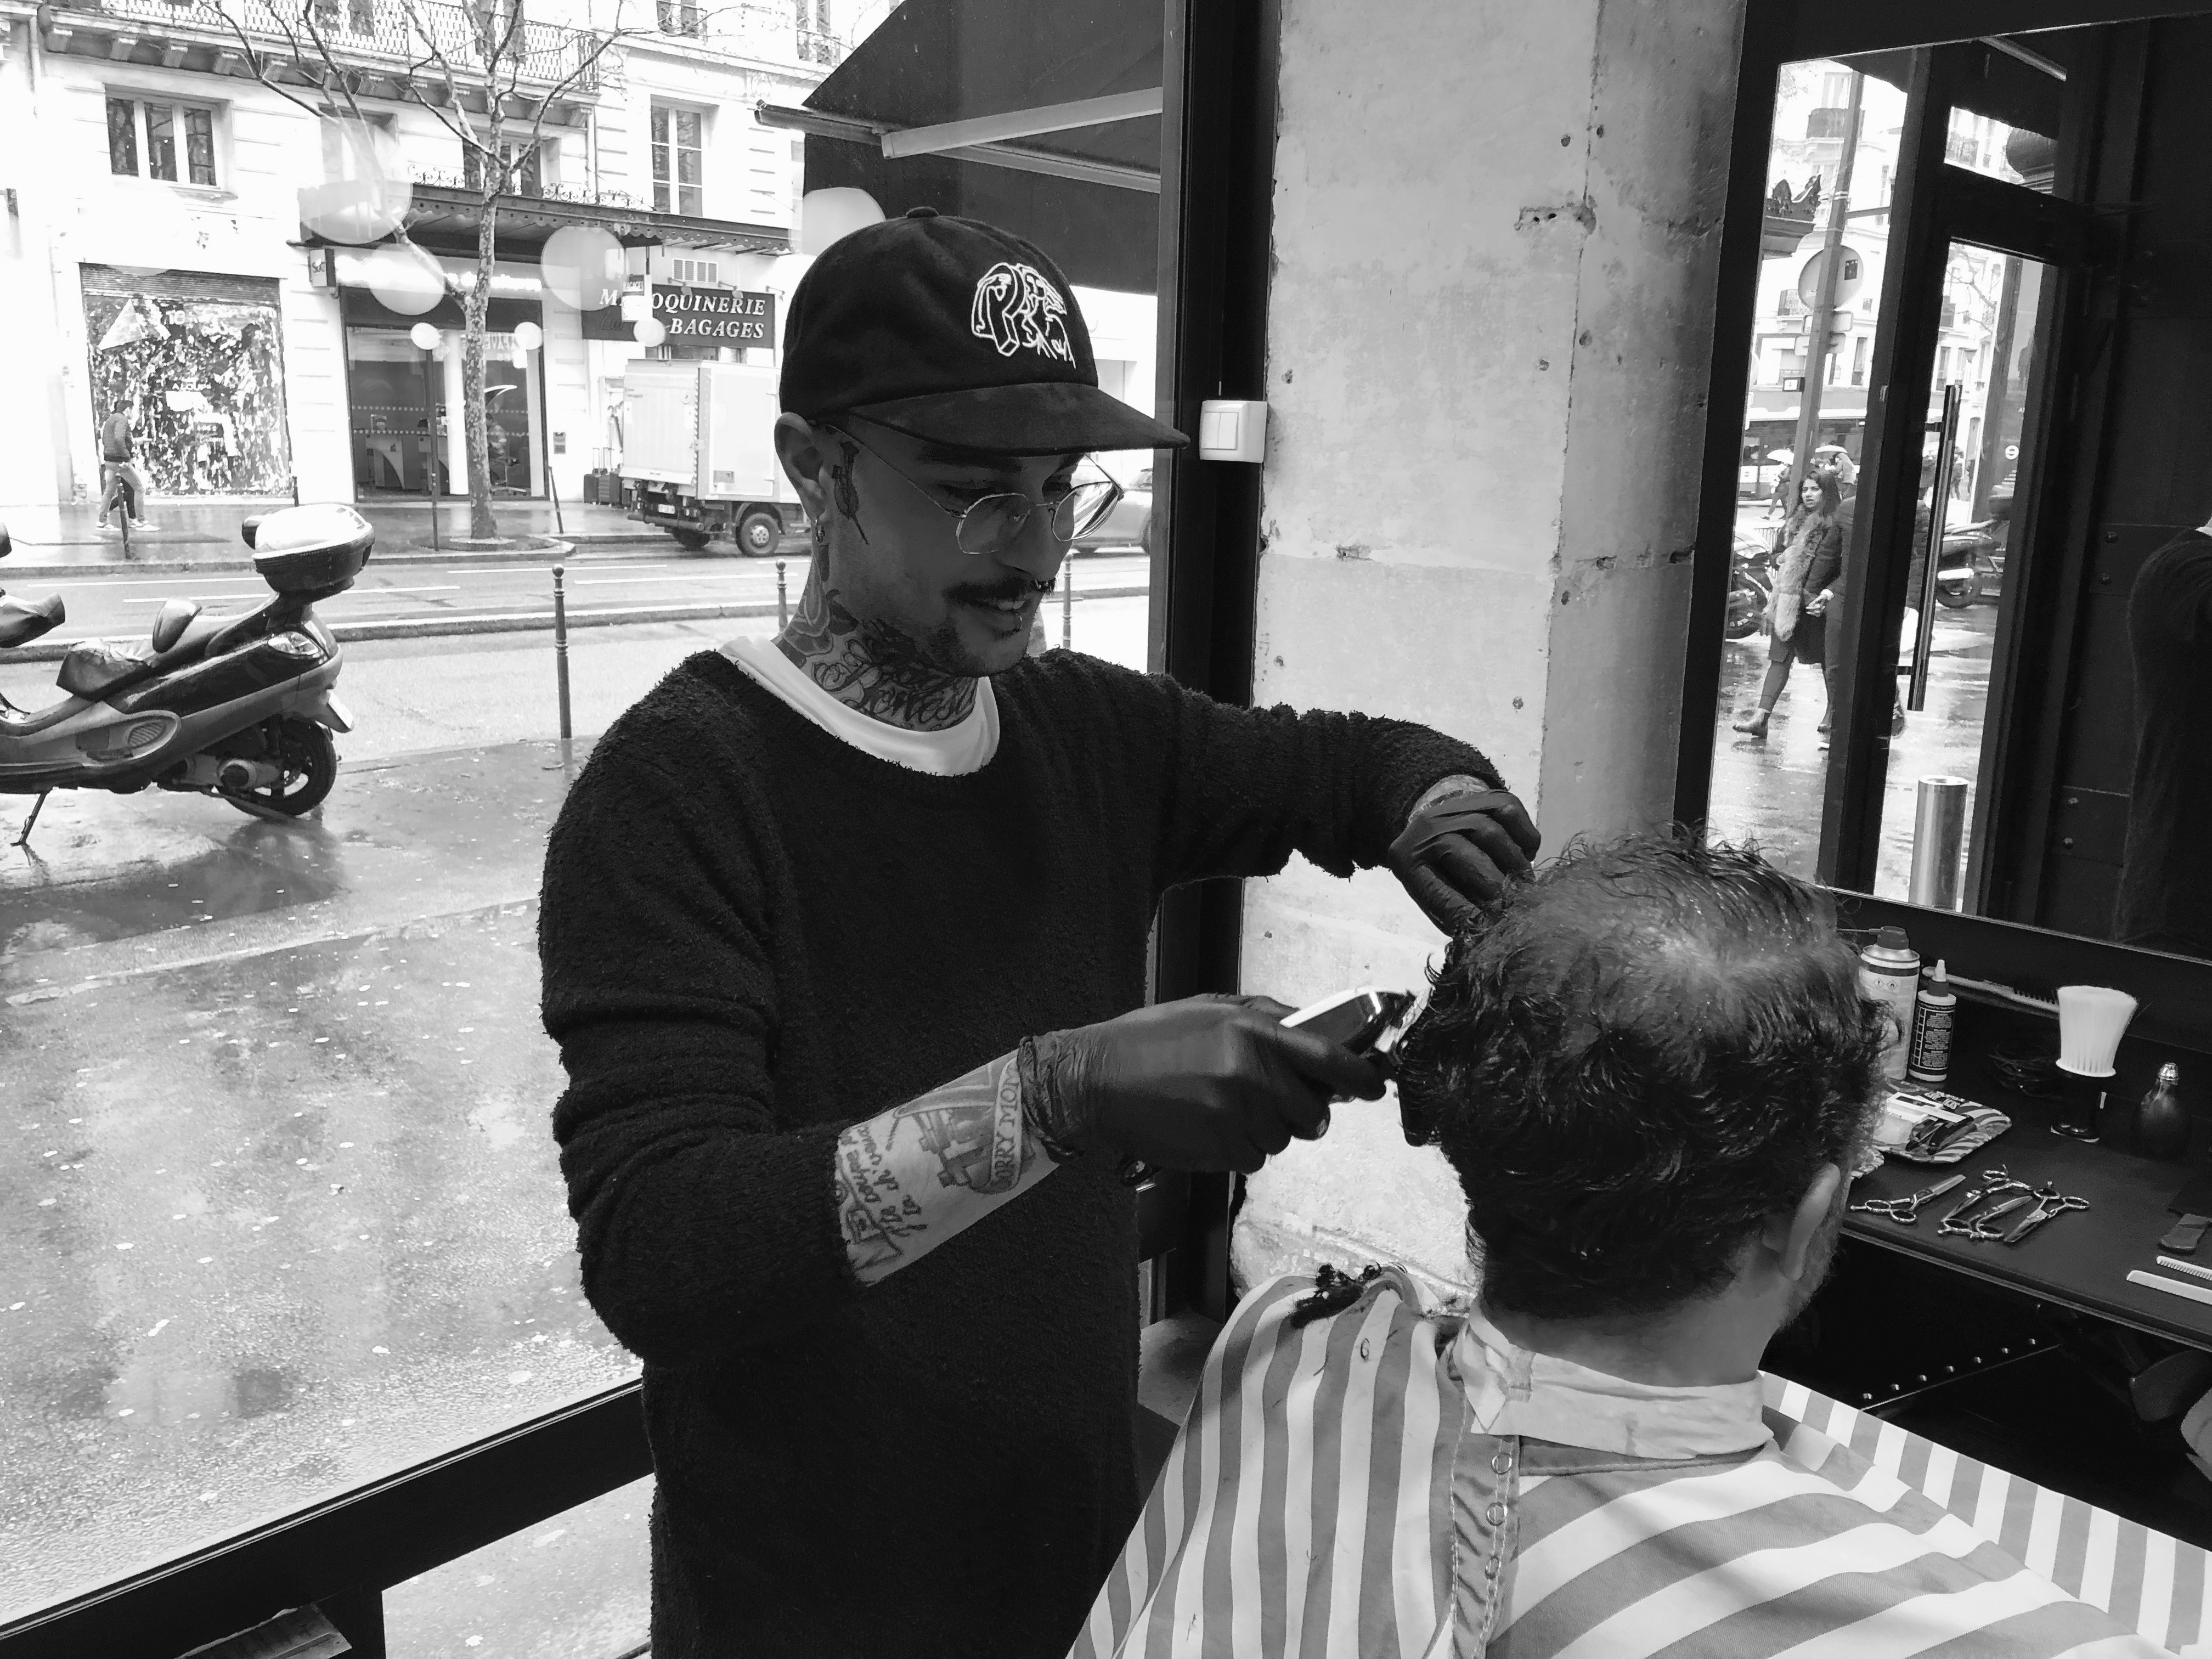 Guillaume Les Garçons Barbiers Coiffeur Barbier Paris